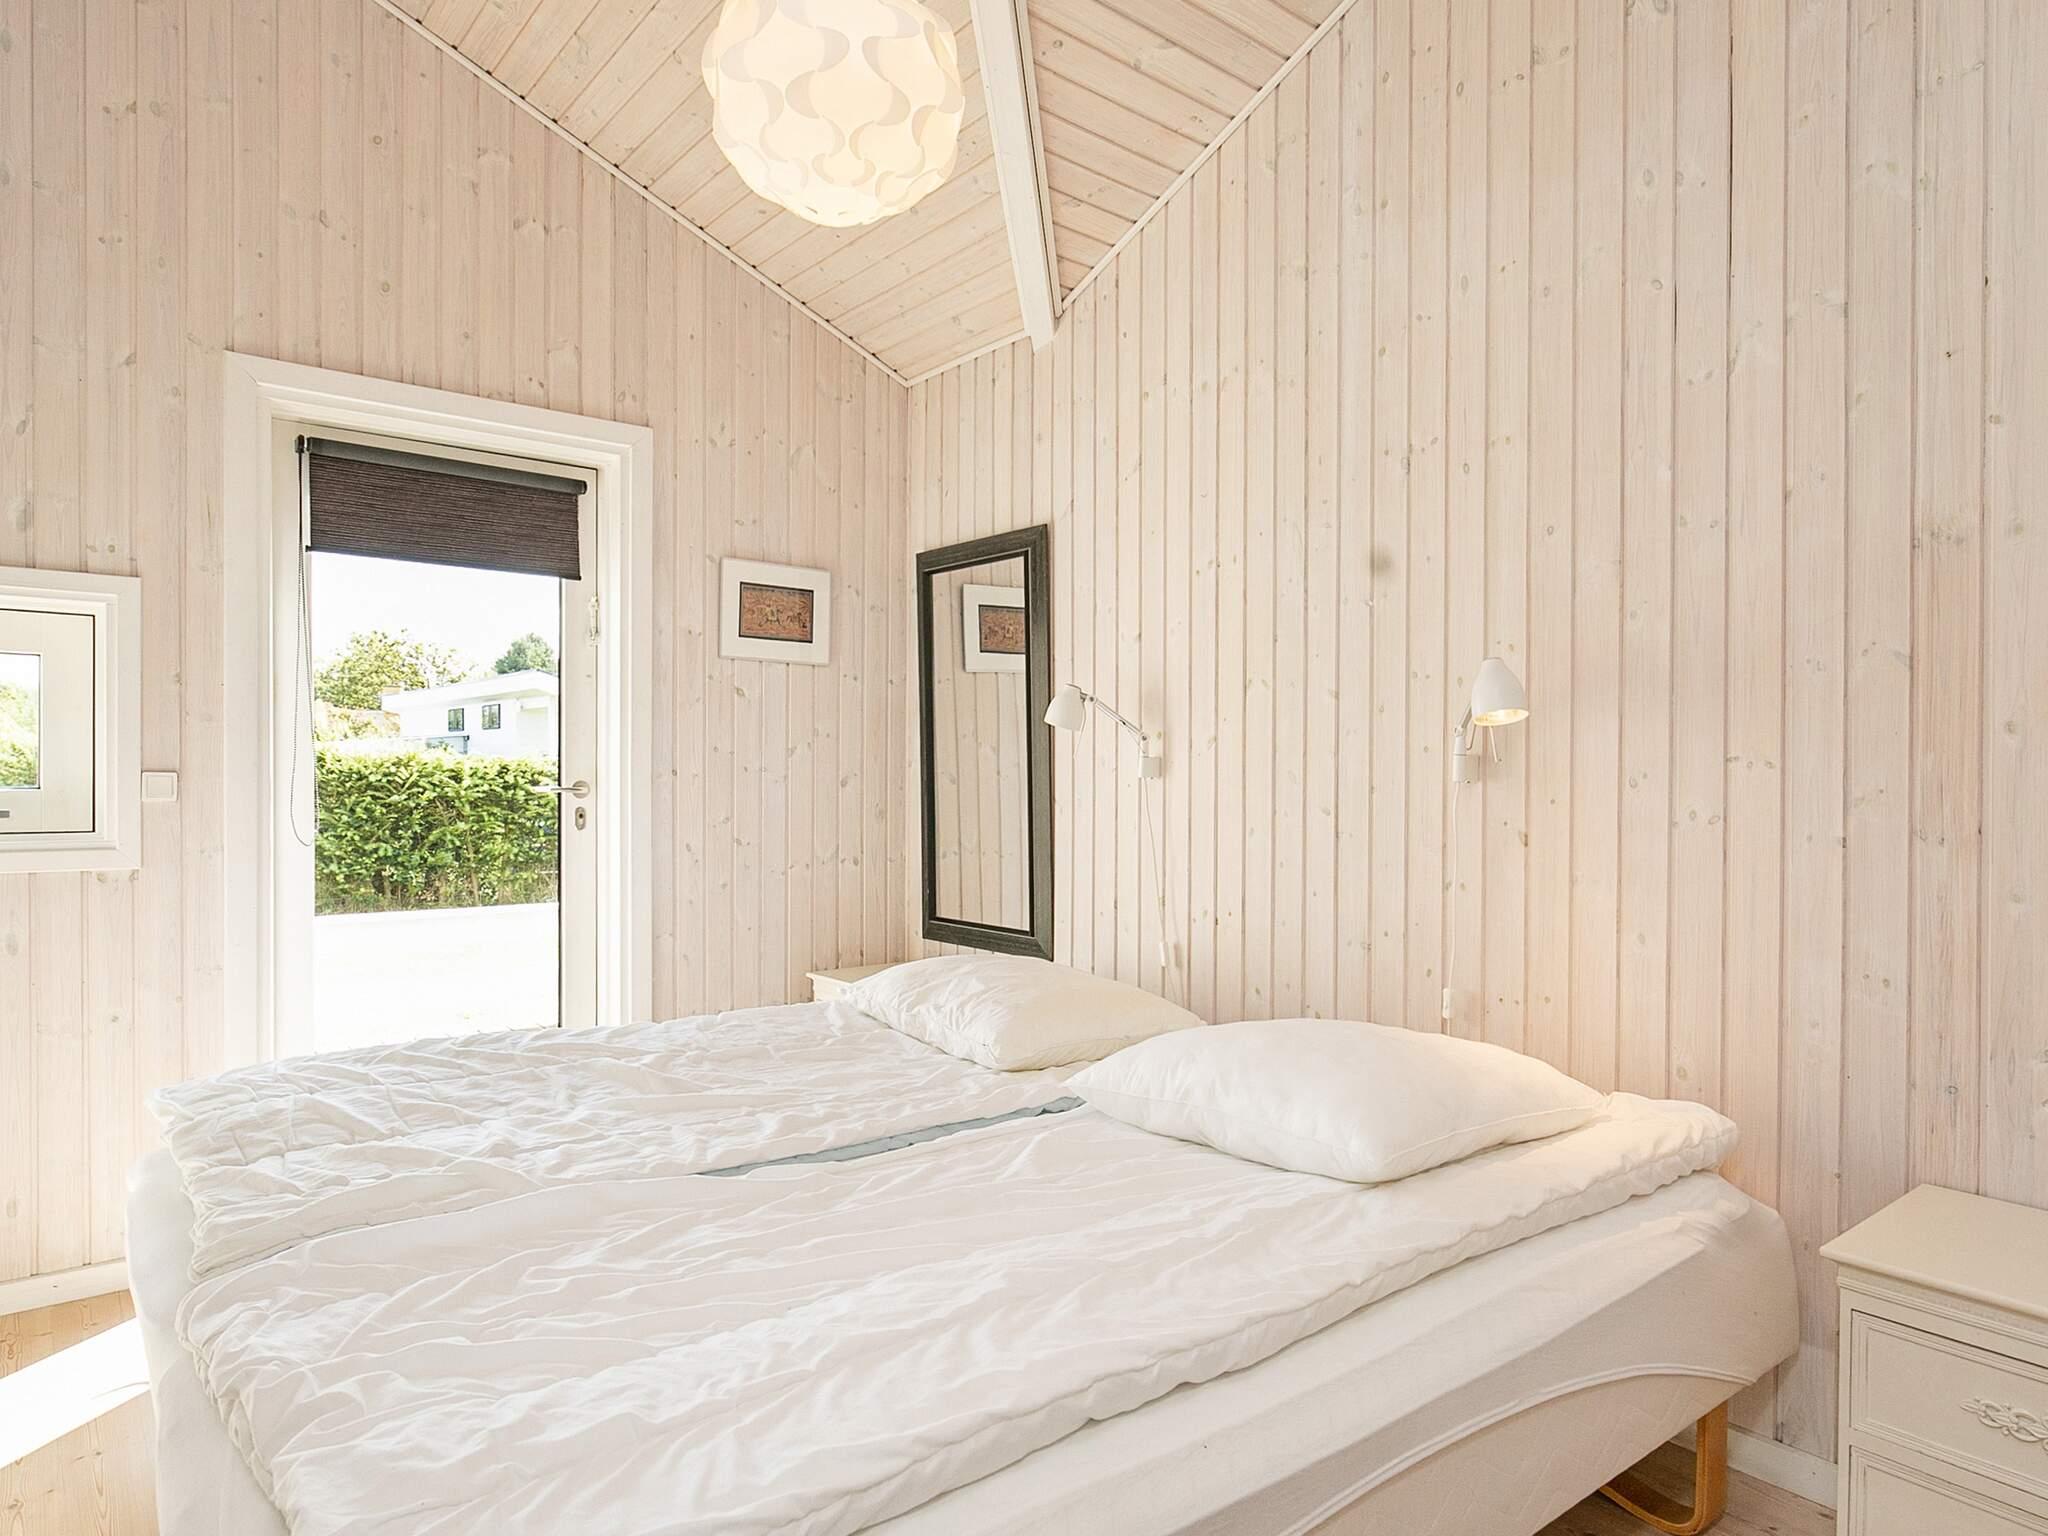 Ferienhaus Skåstrup Strand (2563316), Skåstrup, , Fünen, Dänemark, Bild 19